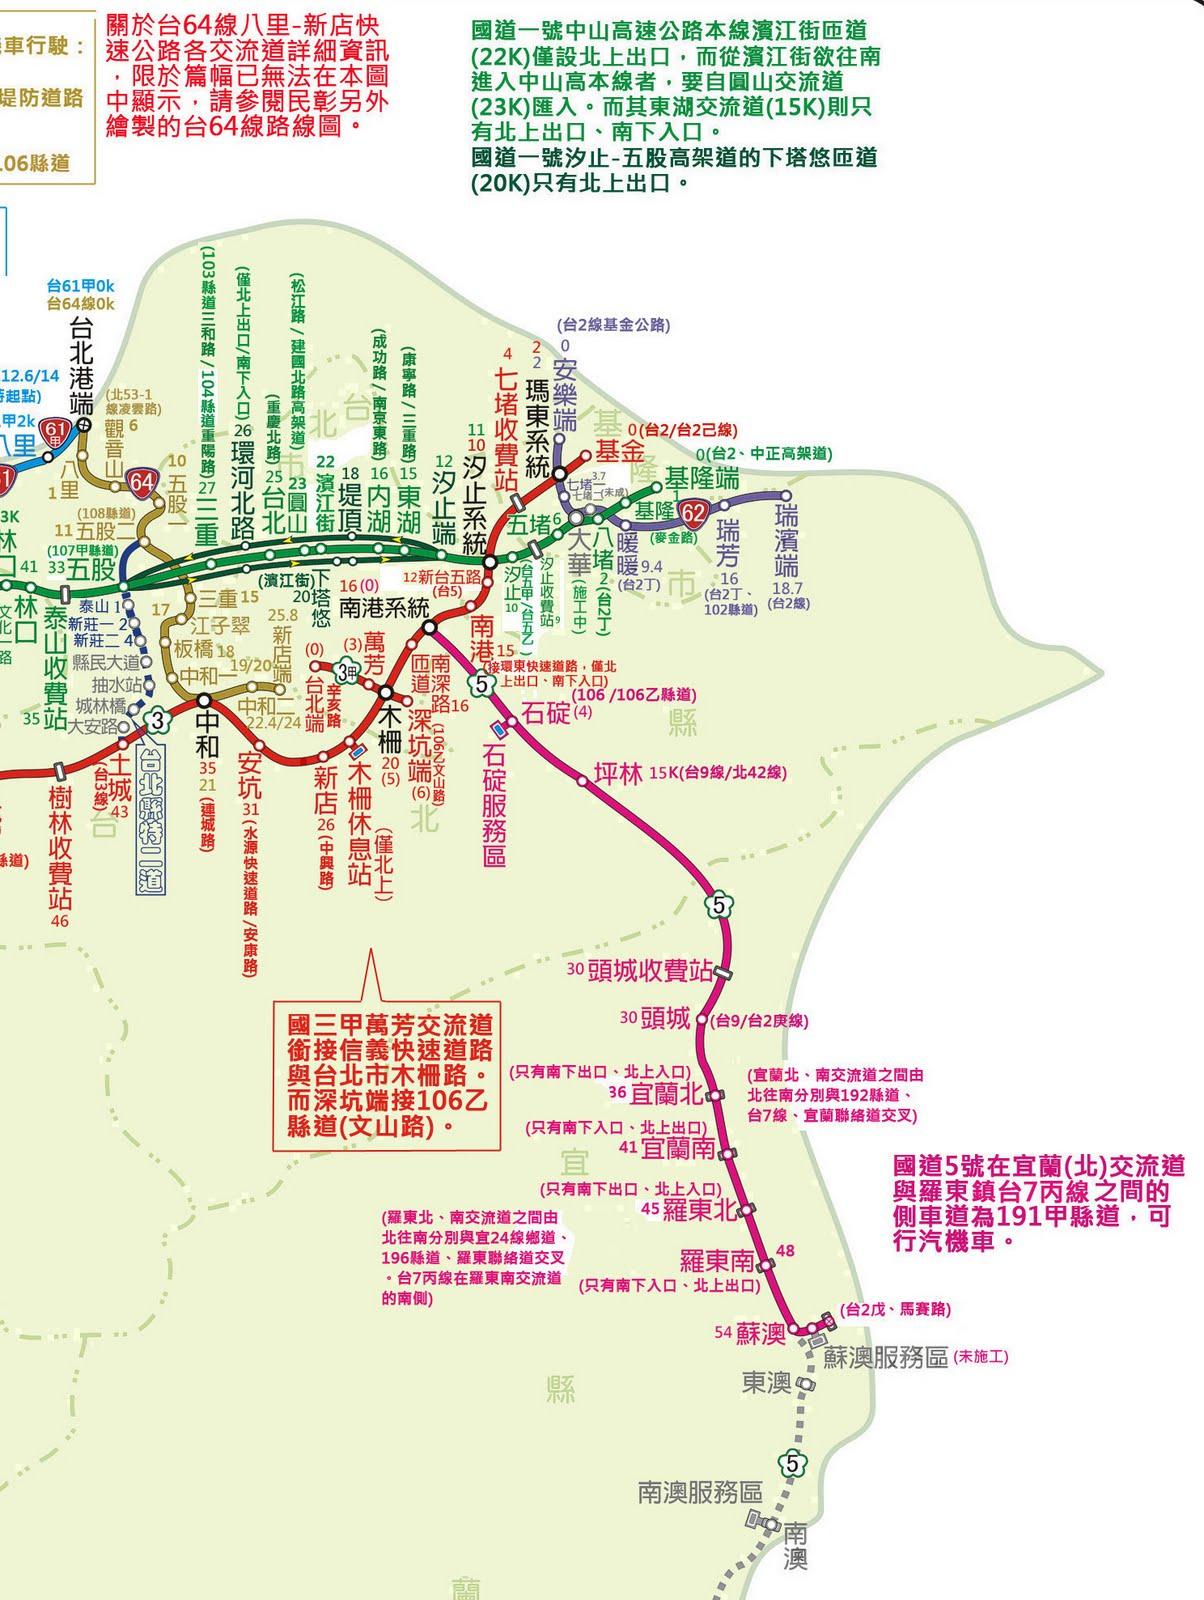 黃民彰的網站--Taiwan Taipei: 二月 2011